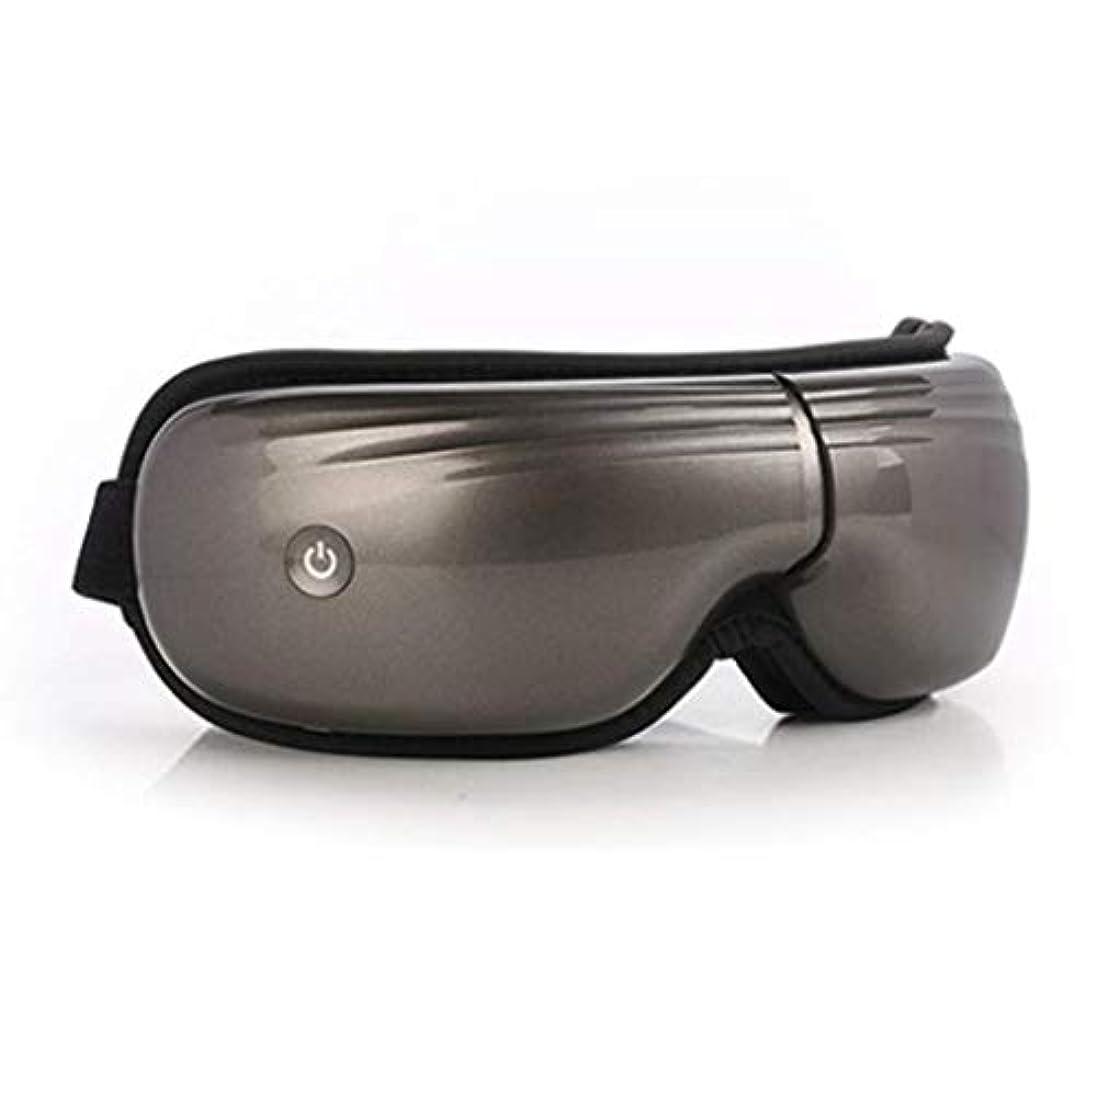 スポンジスリップシューズ牧師アイマッサージアイマスク、アイマッサージャー、USB充電式ポータブルアイツール、ホットコンプレッションおよびフォールディングホーム、ダークサークルアイバッグおよびアイ疲労の改善、いつでも、いつでも持ち運びが簡単